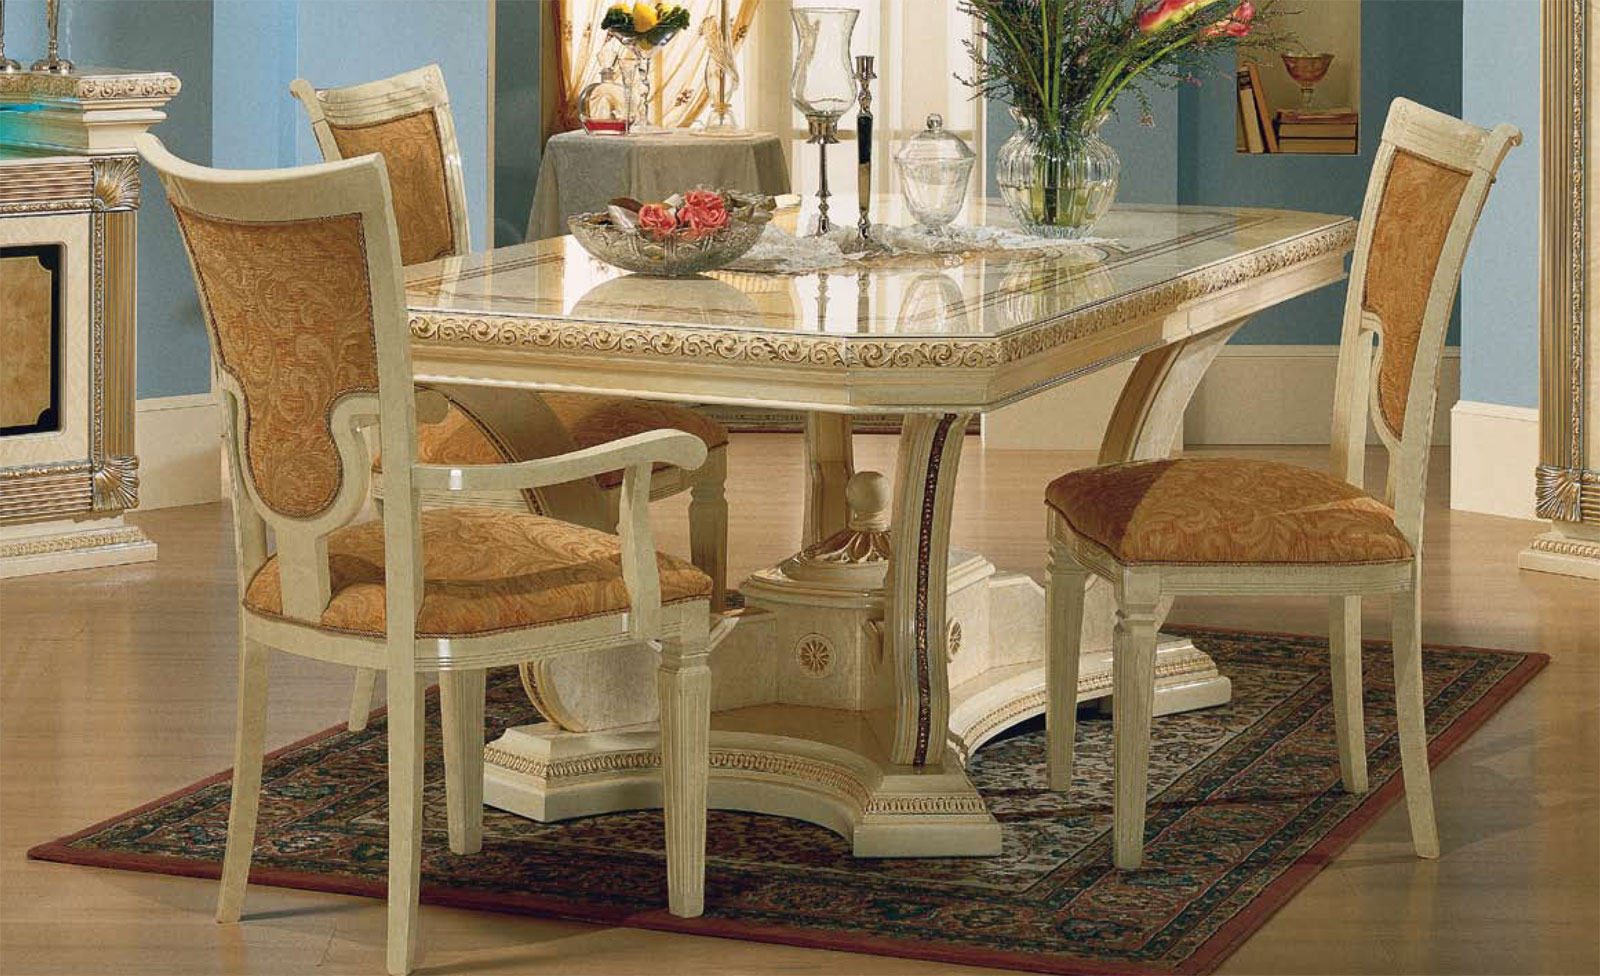 Design wohnzimmer esstisch spiegel sideboard stuhl klassik for Esstisch italian design